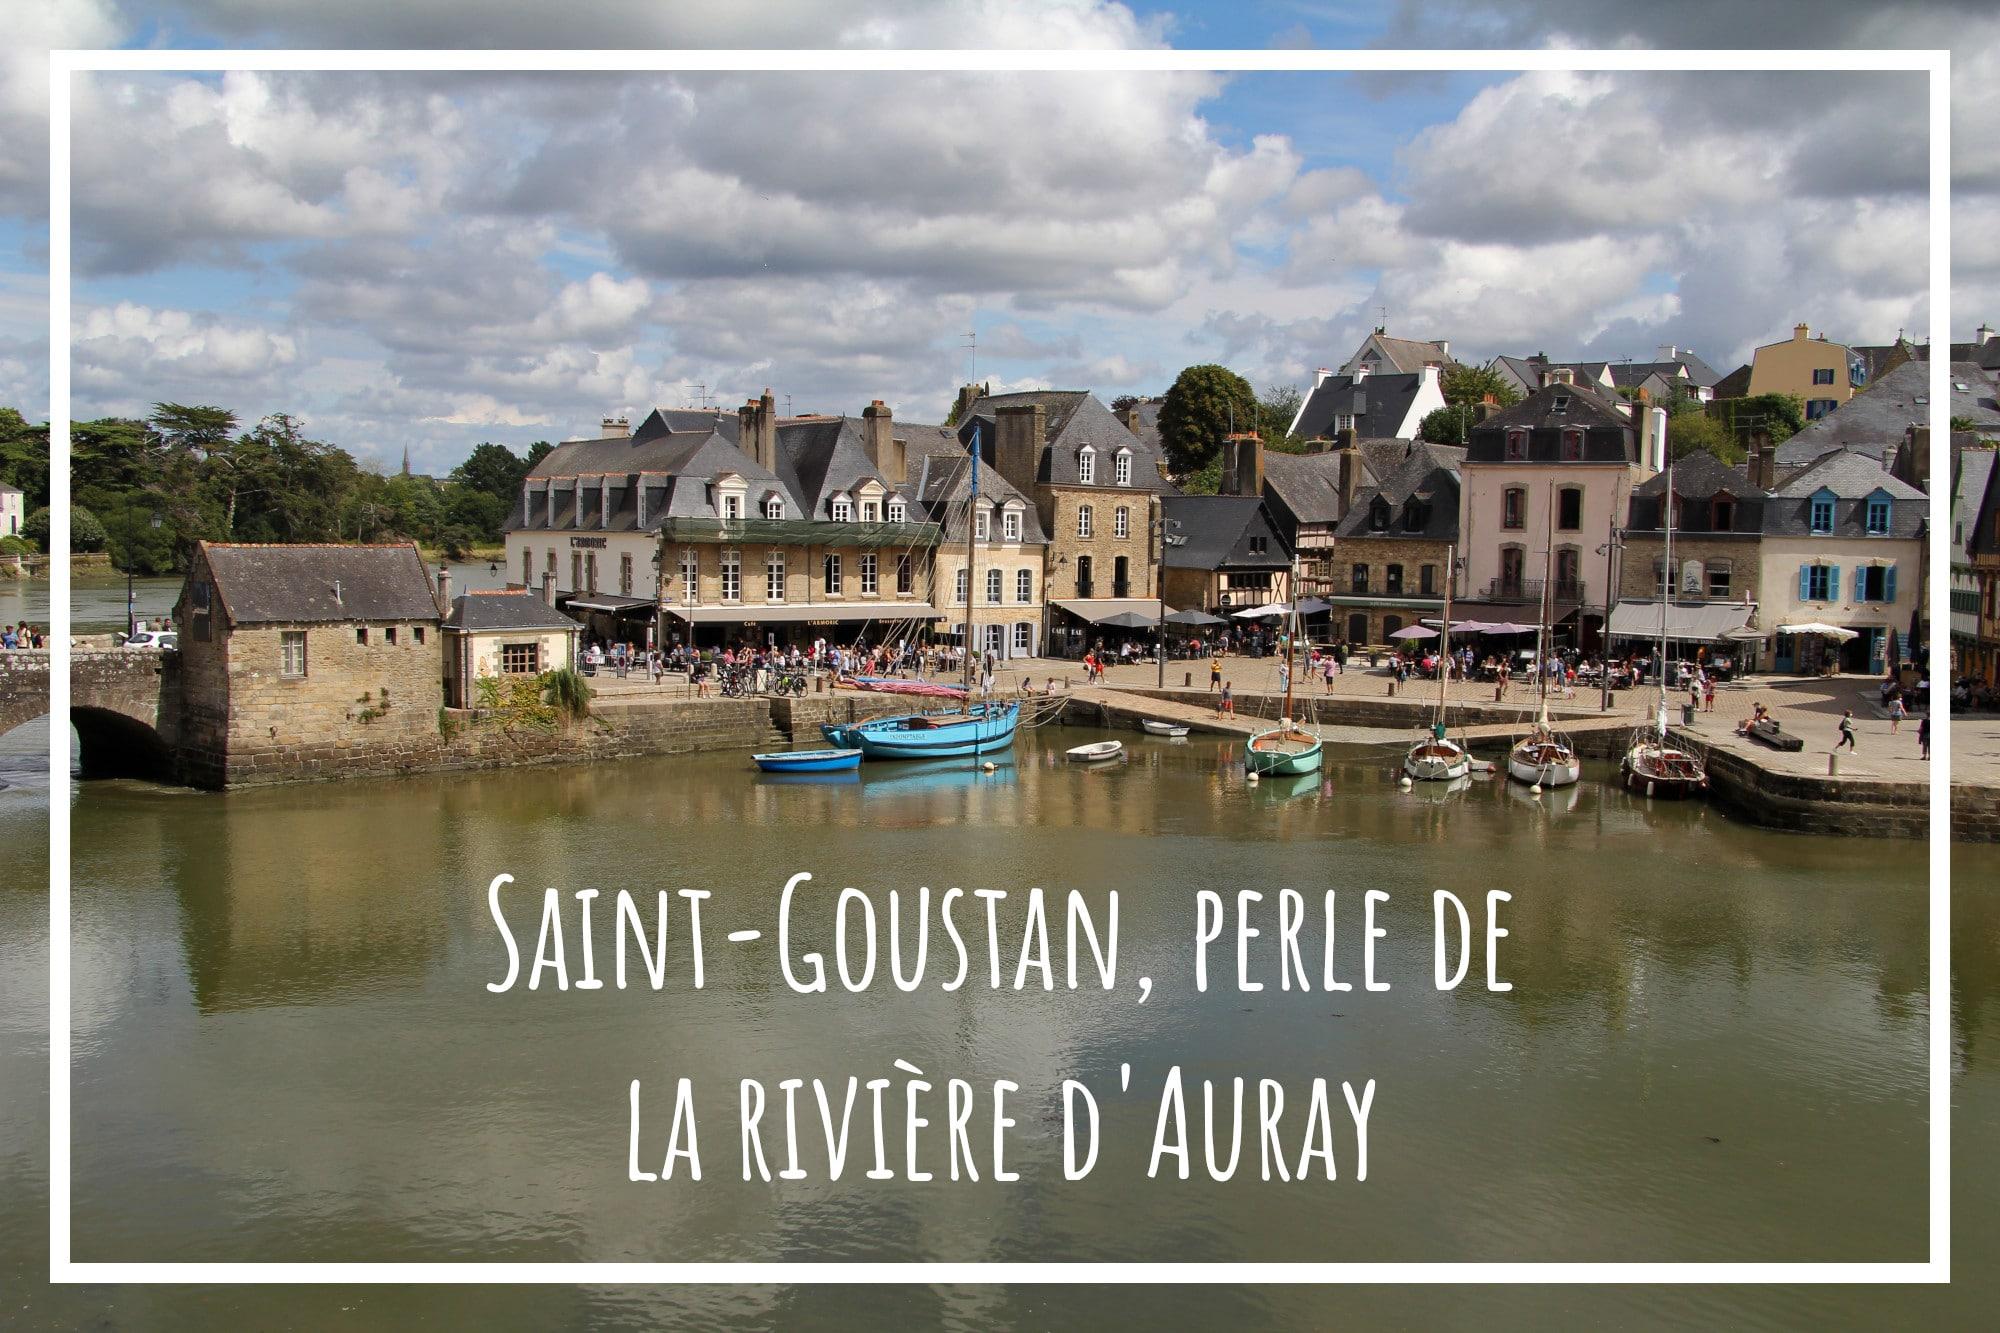 Saint-Goustan, perle de la rivière d'Auray